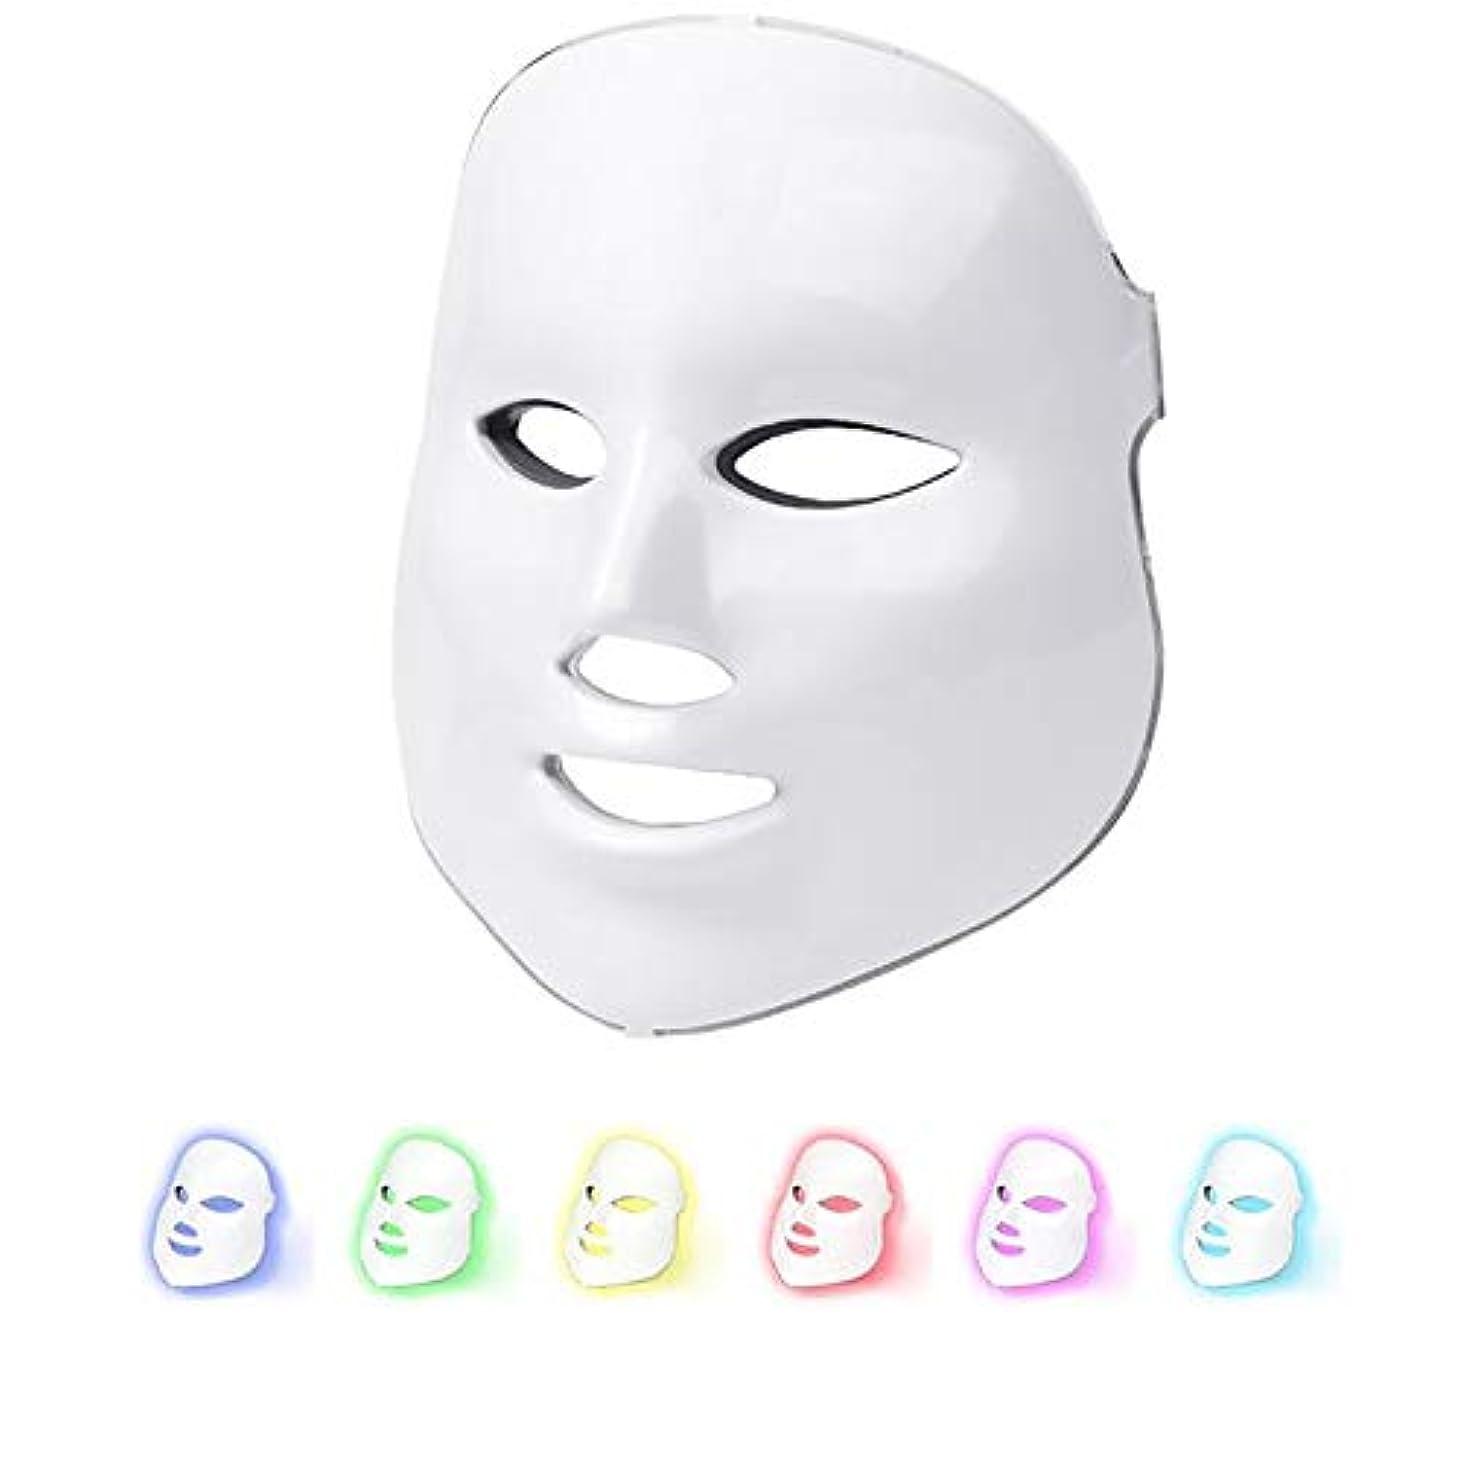 経過ふさわしい雨ライトセラピーマスク、7色LEDフェイスマスク、アンチエイジングファーミングスキン改善、健康な肌の若返り